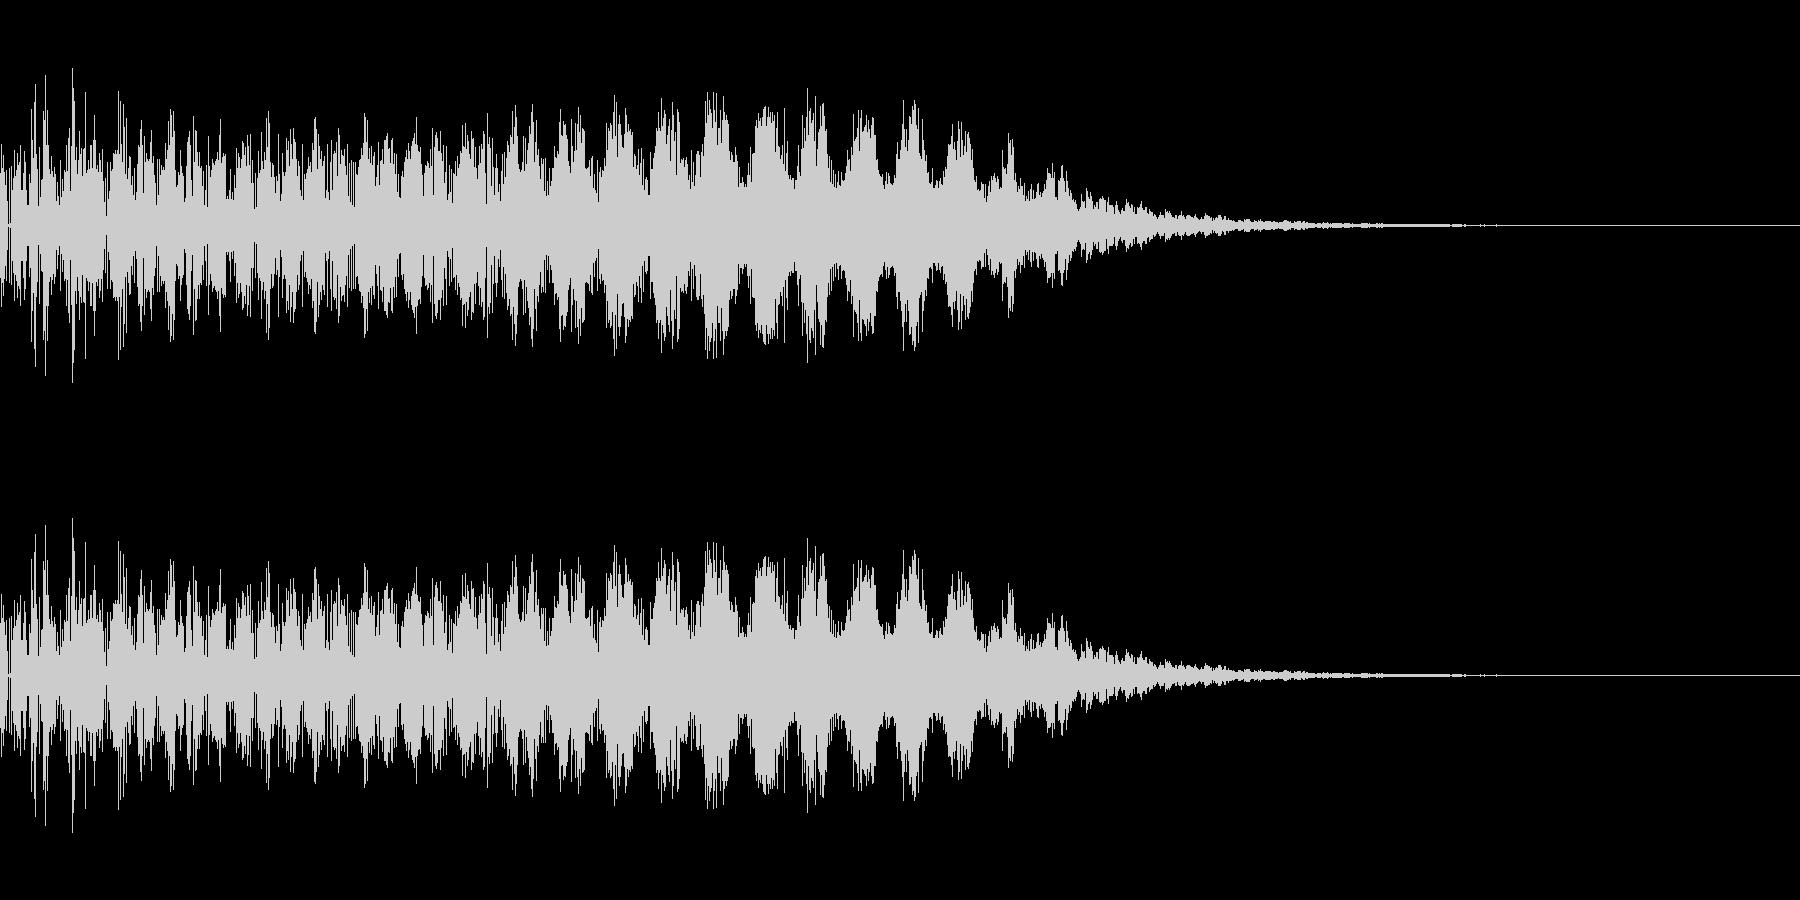 レーザー発射(SF/宇宙/光線)の未再生の波形